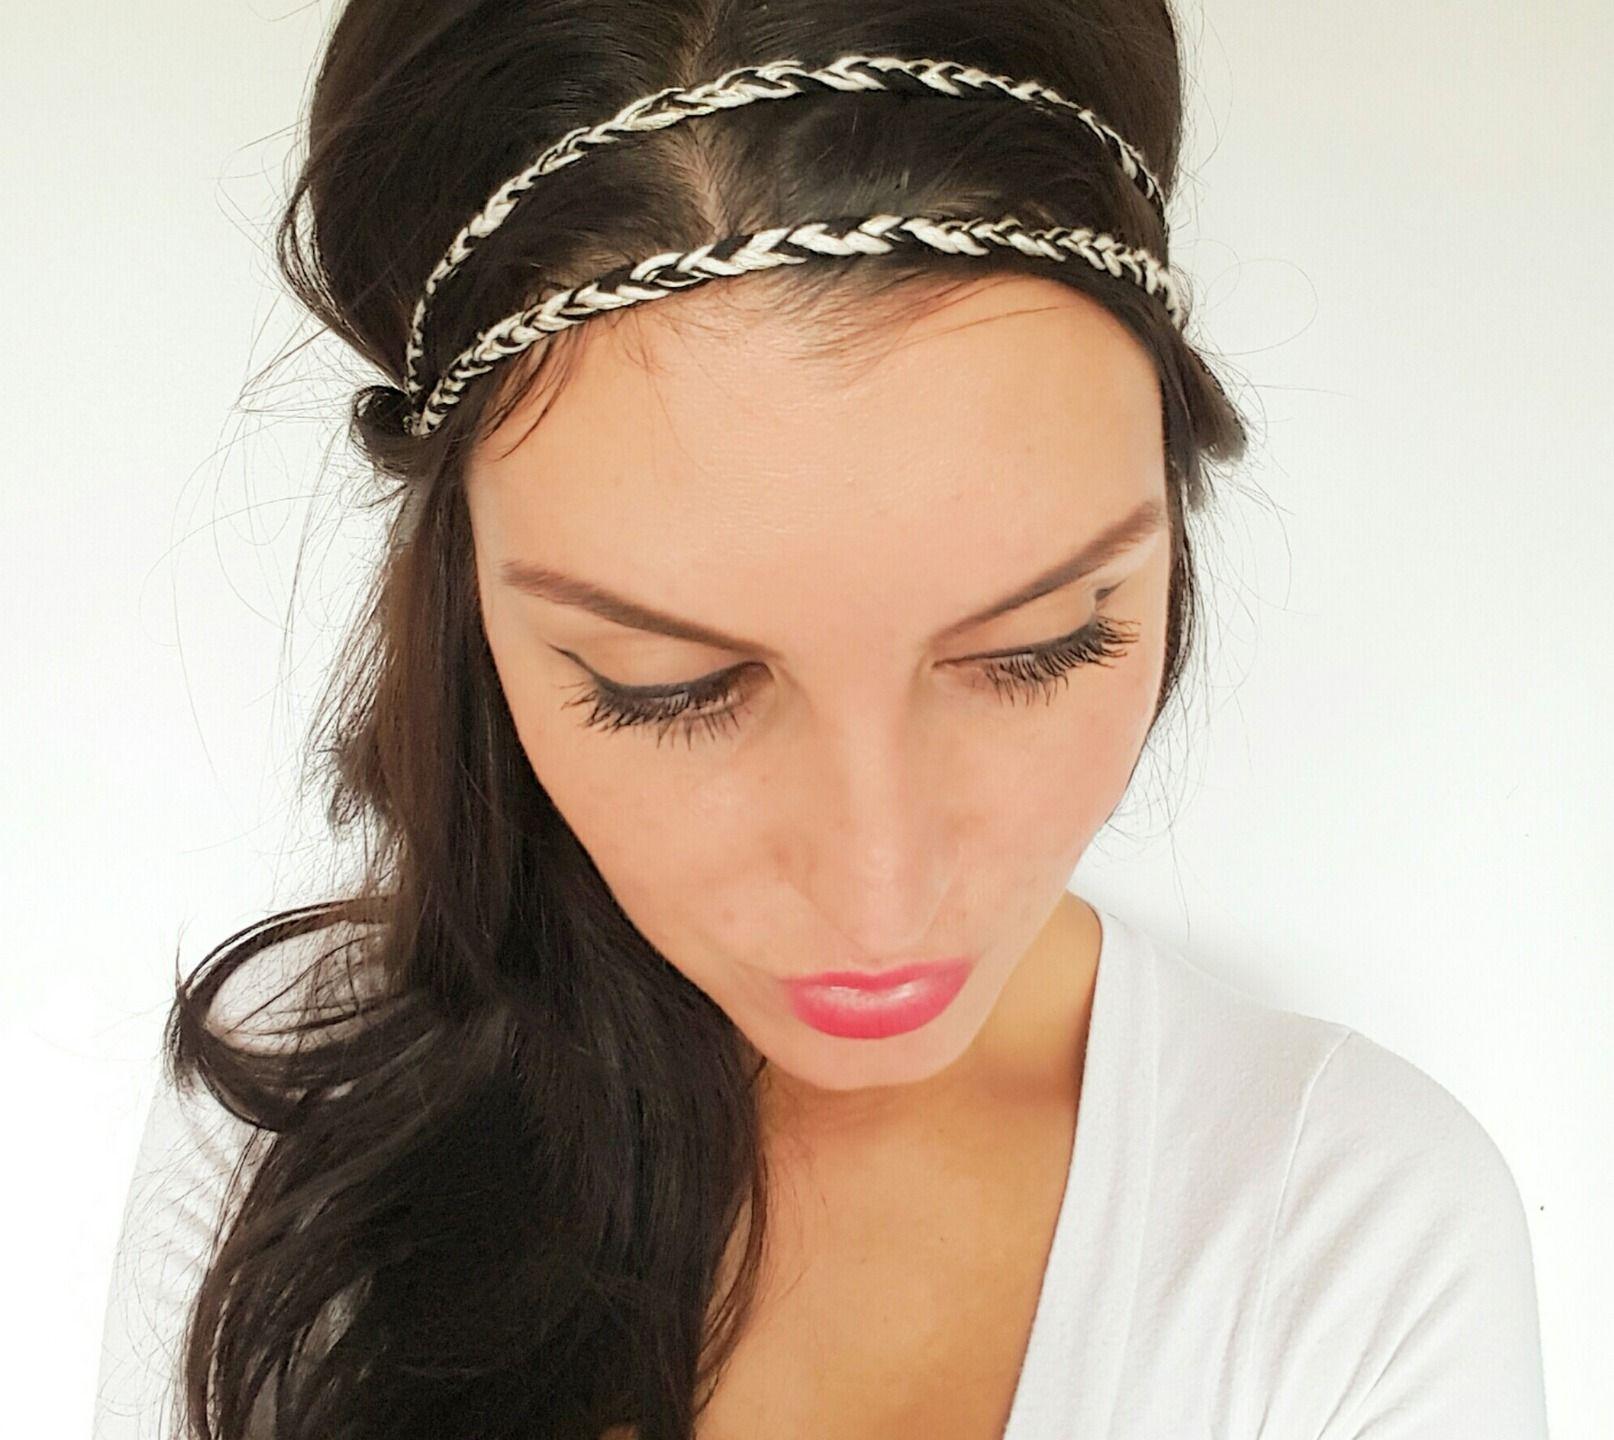 Headband tressé fil de coton noir, beige et doré original